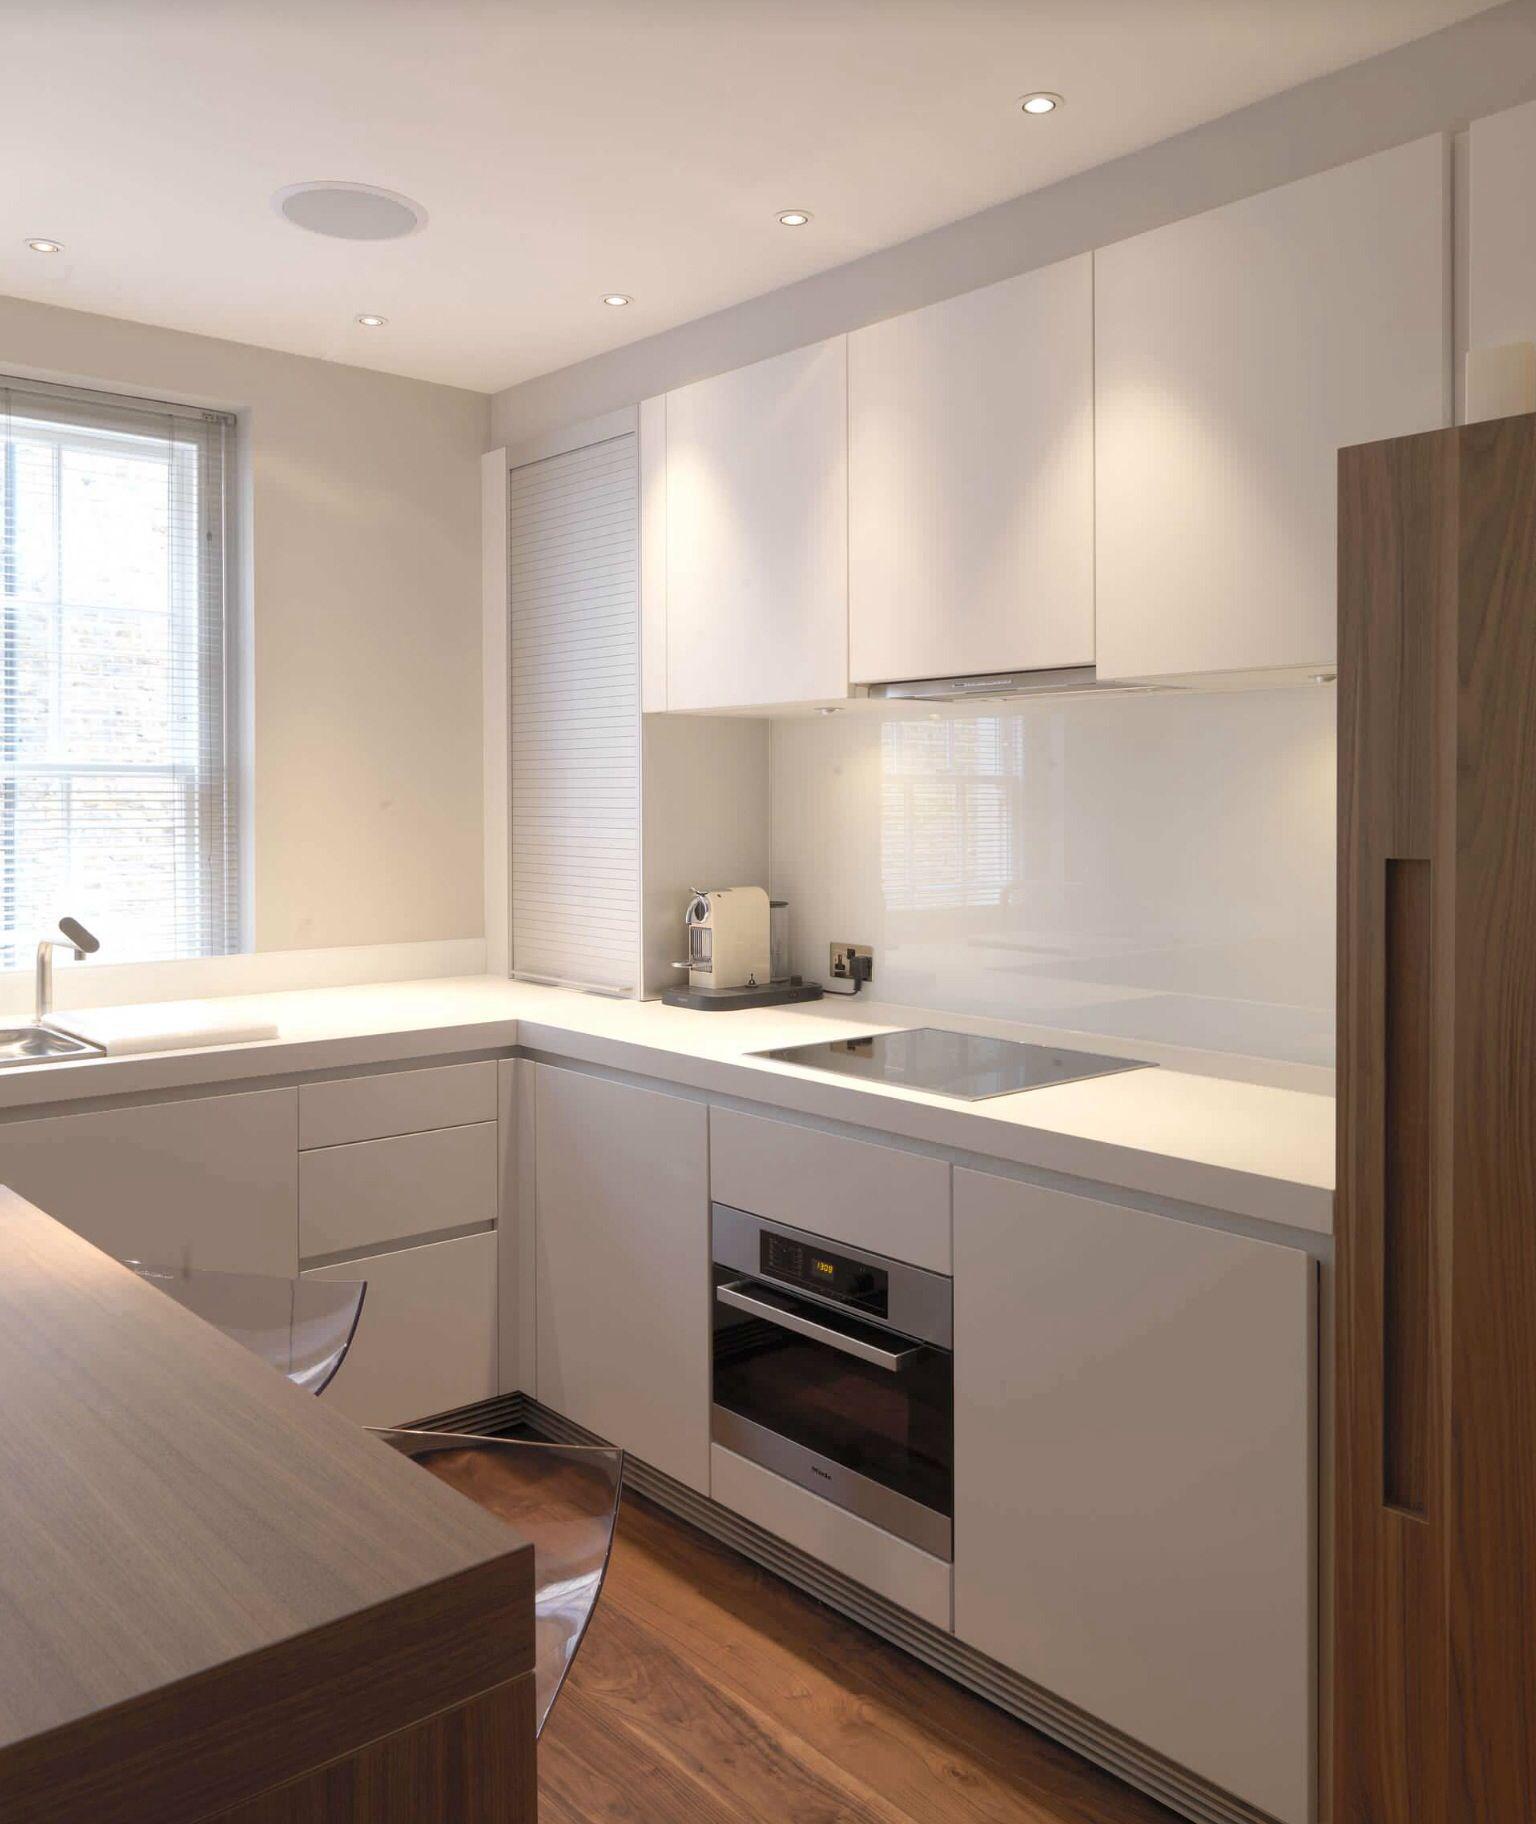 Kleine Küchen stellen ein kompaktes Küchendesign dar | Kitchens ...